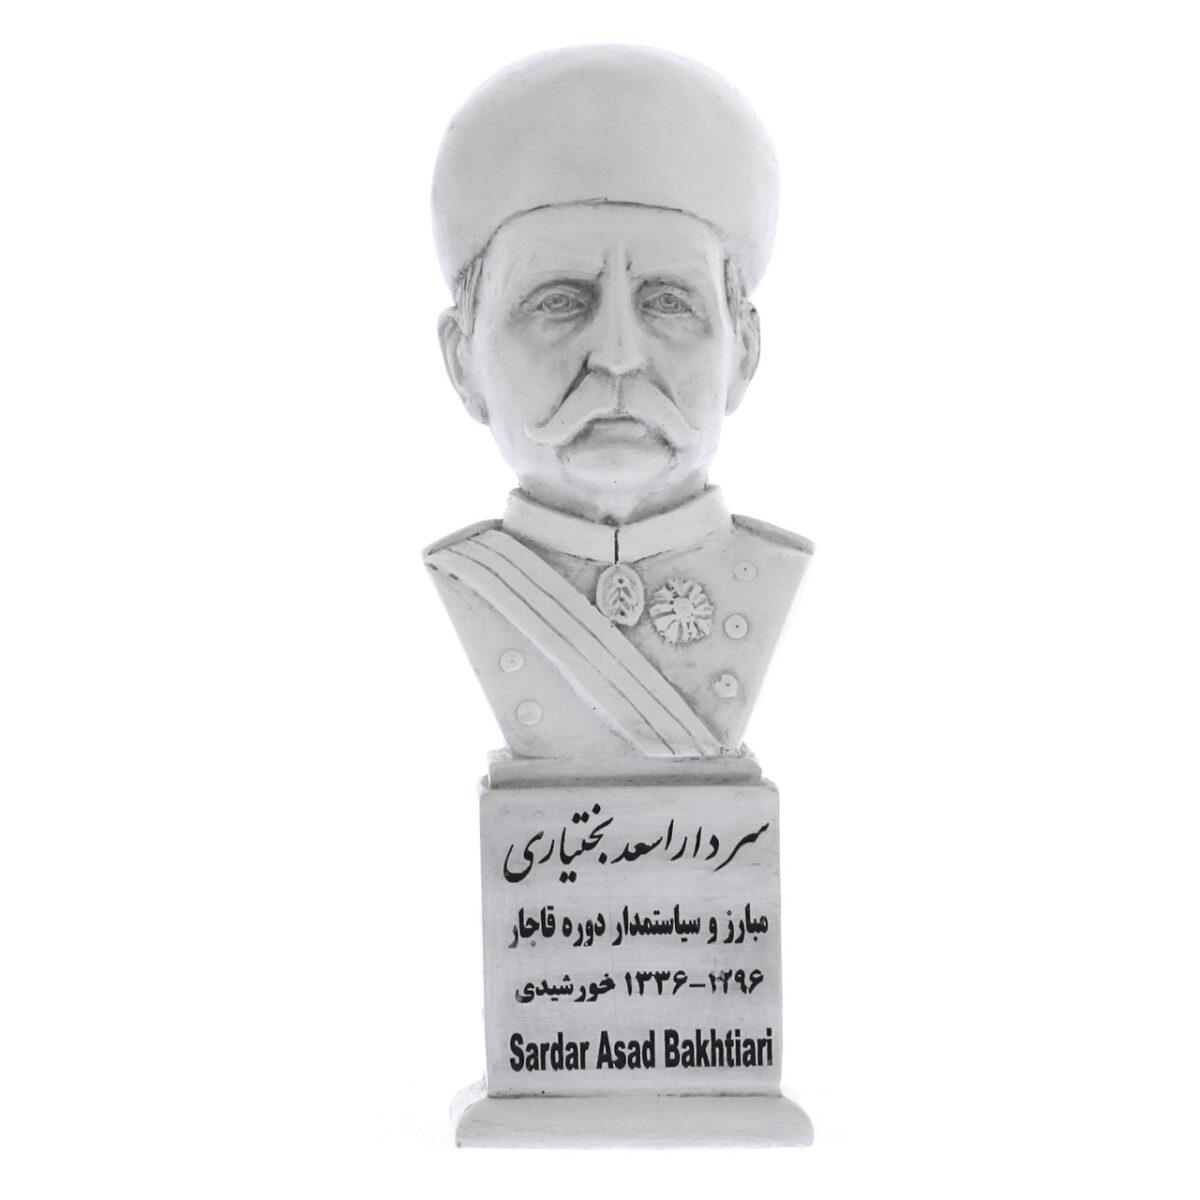 sardar asad bakhtiari s 1200x1200 - سردیس  سردار اسعد بختیاری